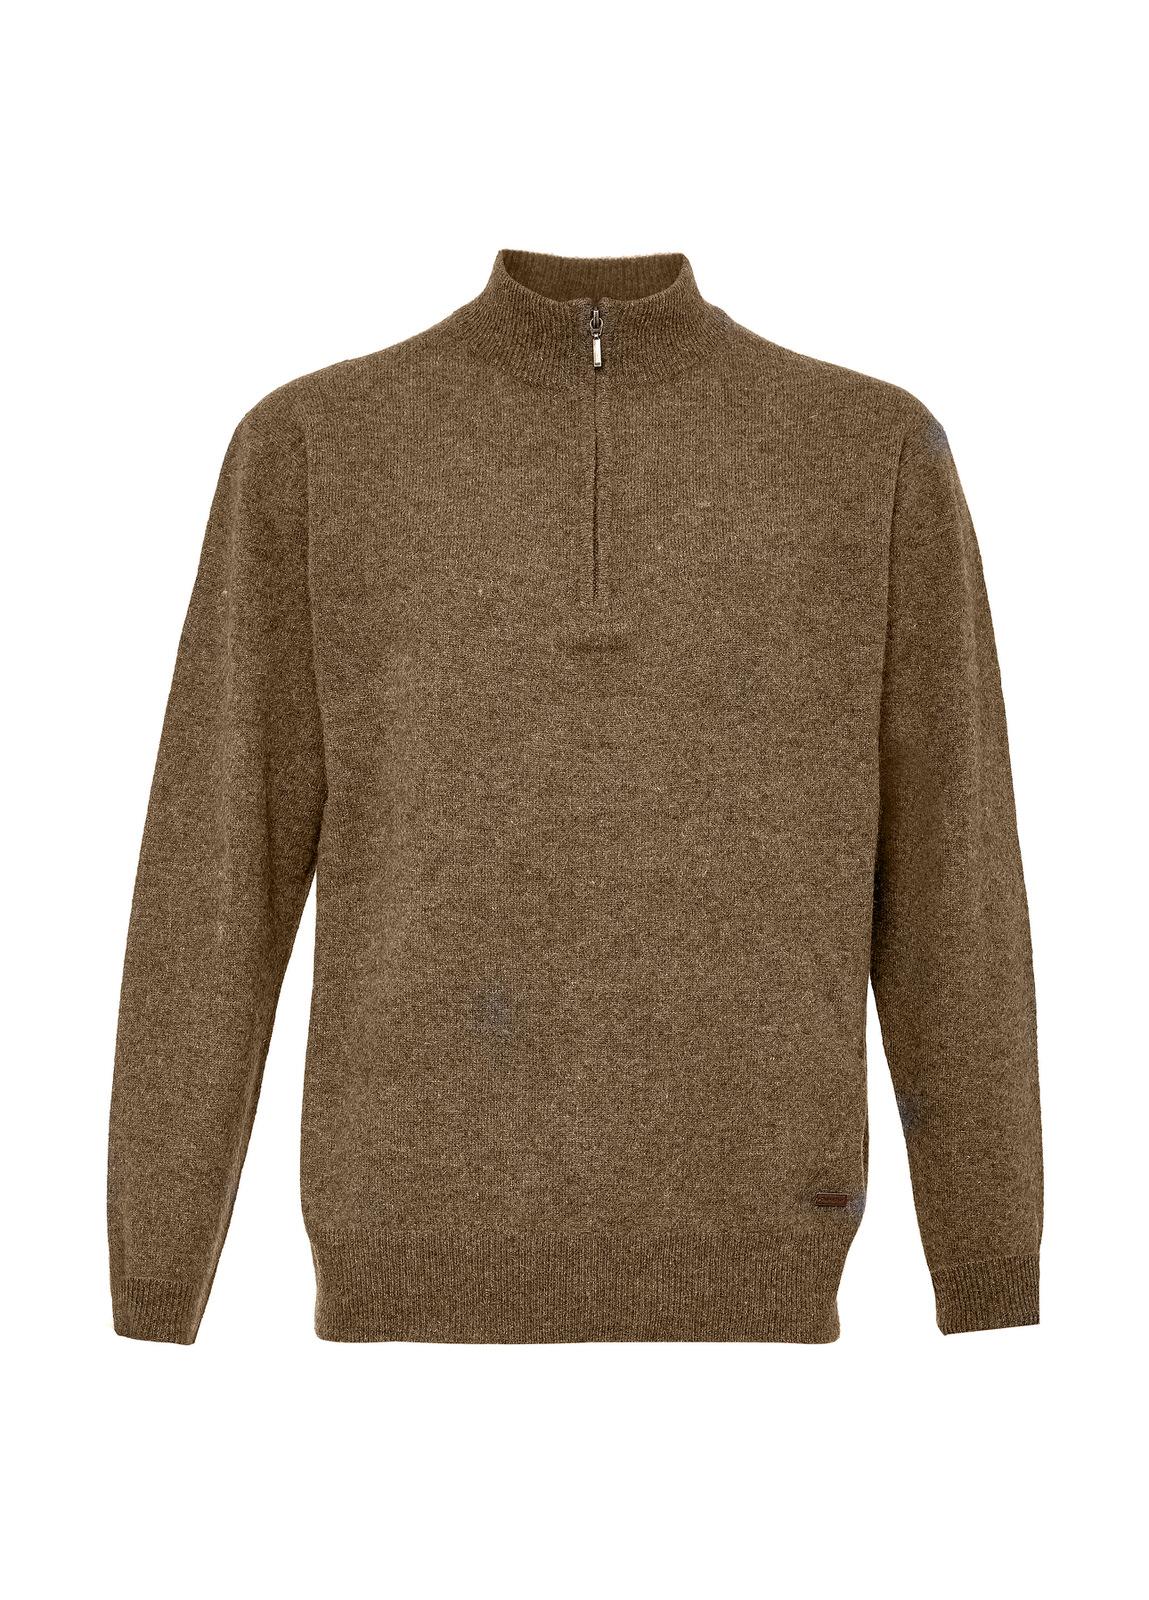 Mullen_Sweater_Elk_Image_1